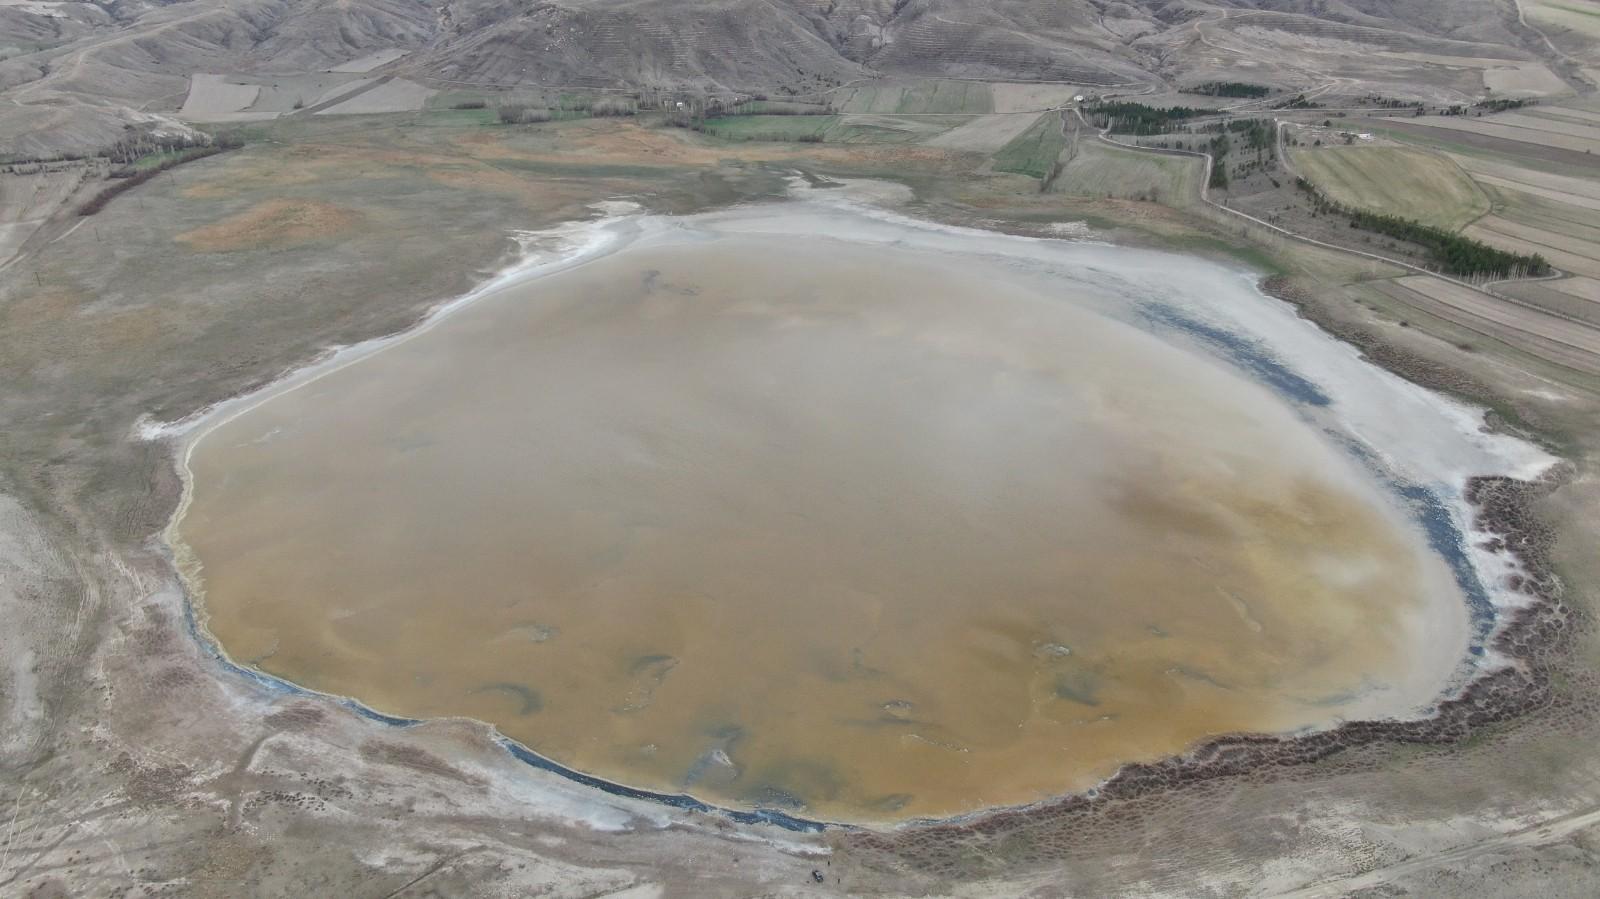 Son haliyle endişelendiren Kellah gölü su tutmaya başladı